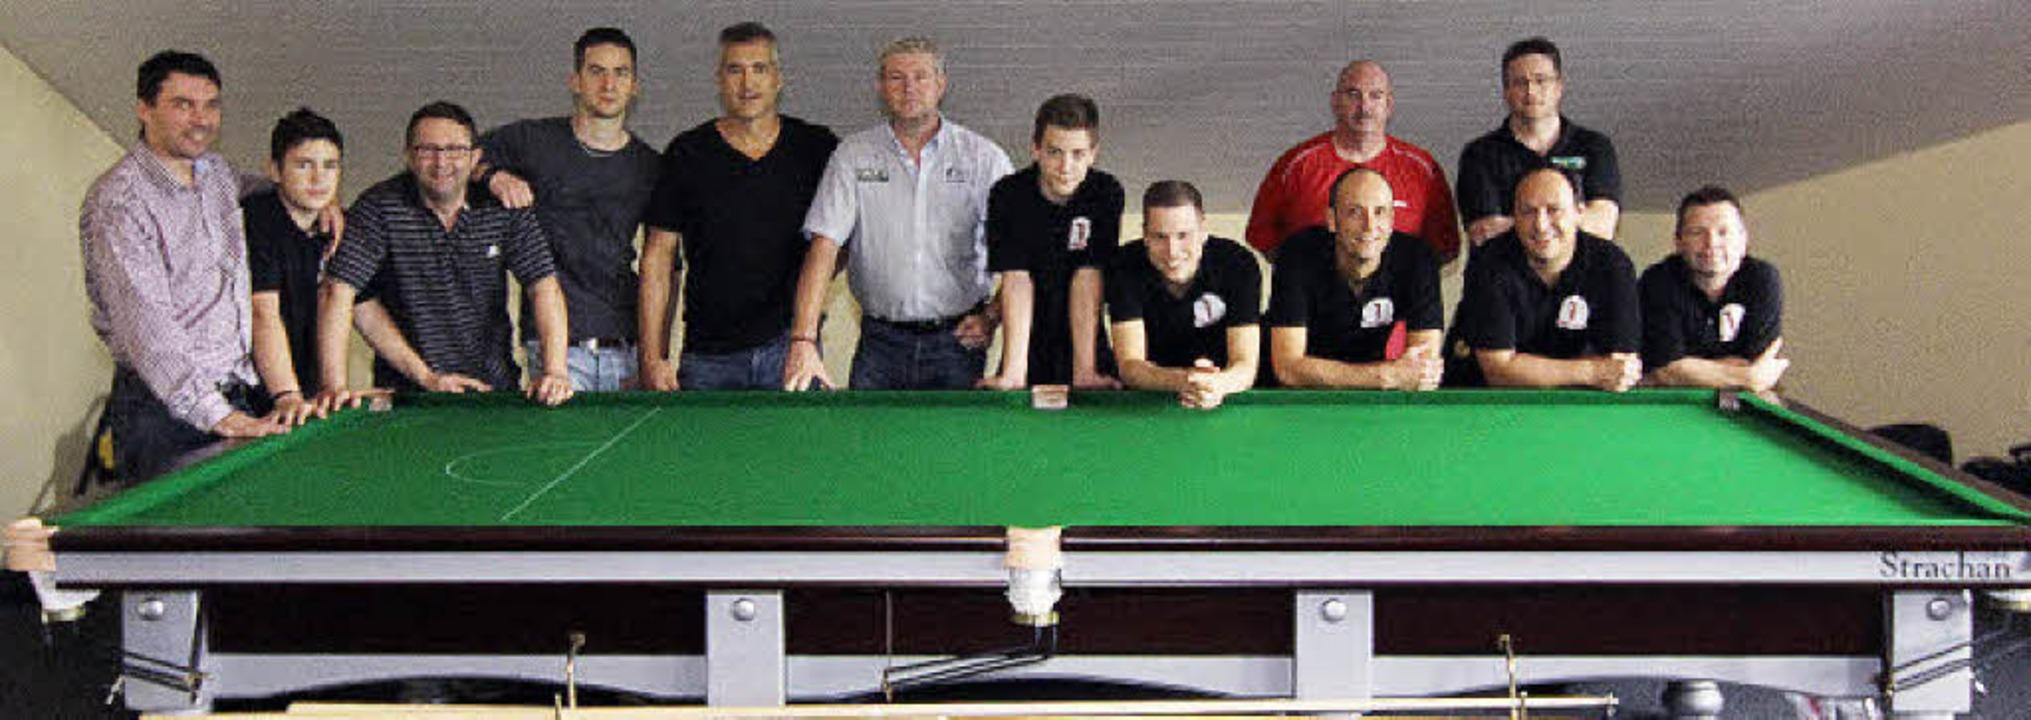 Die Snooker-Mannschaft am neuen Tisch ...daneben Peter Wagner und Simon Barker.    Foto: Privat